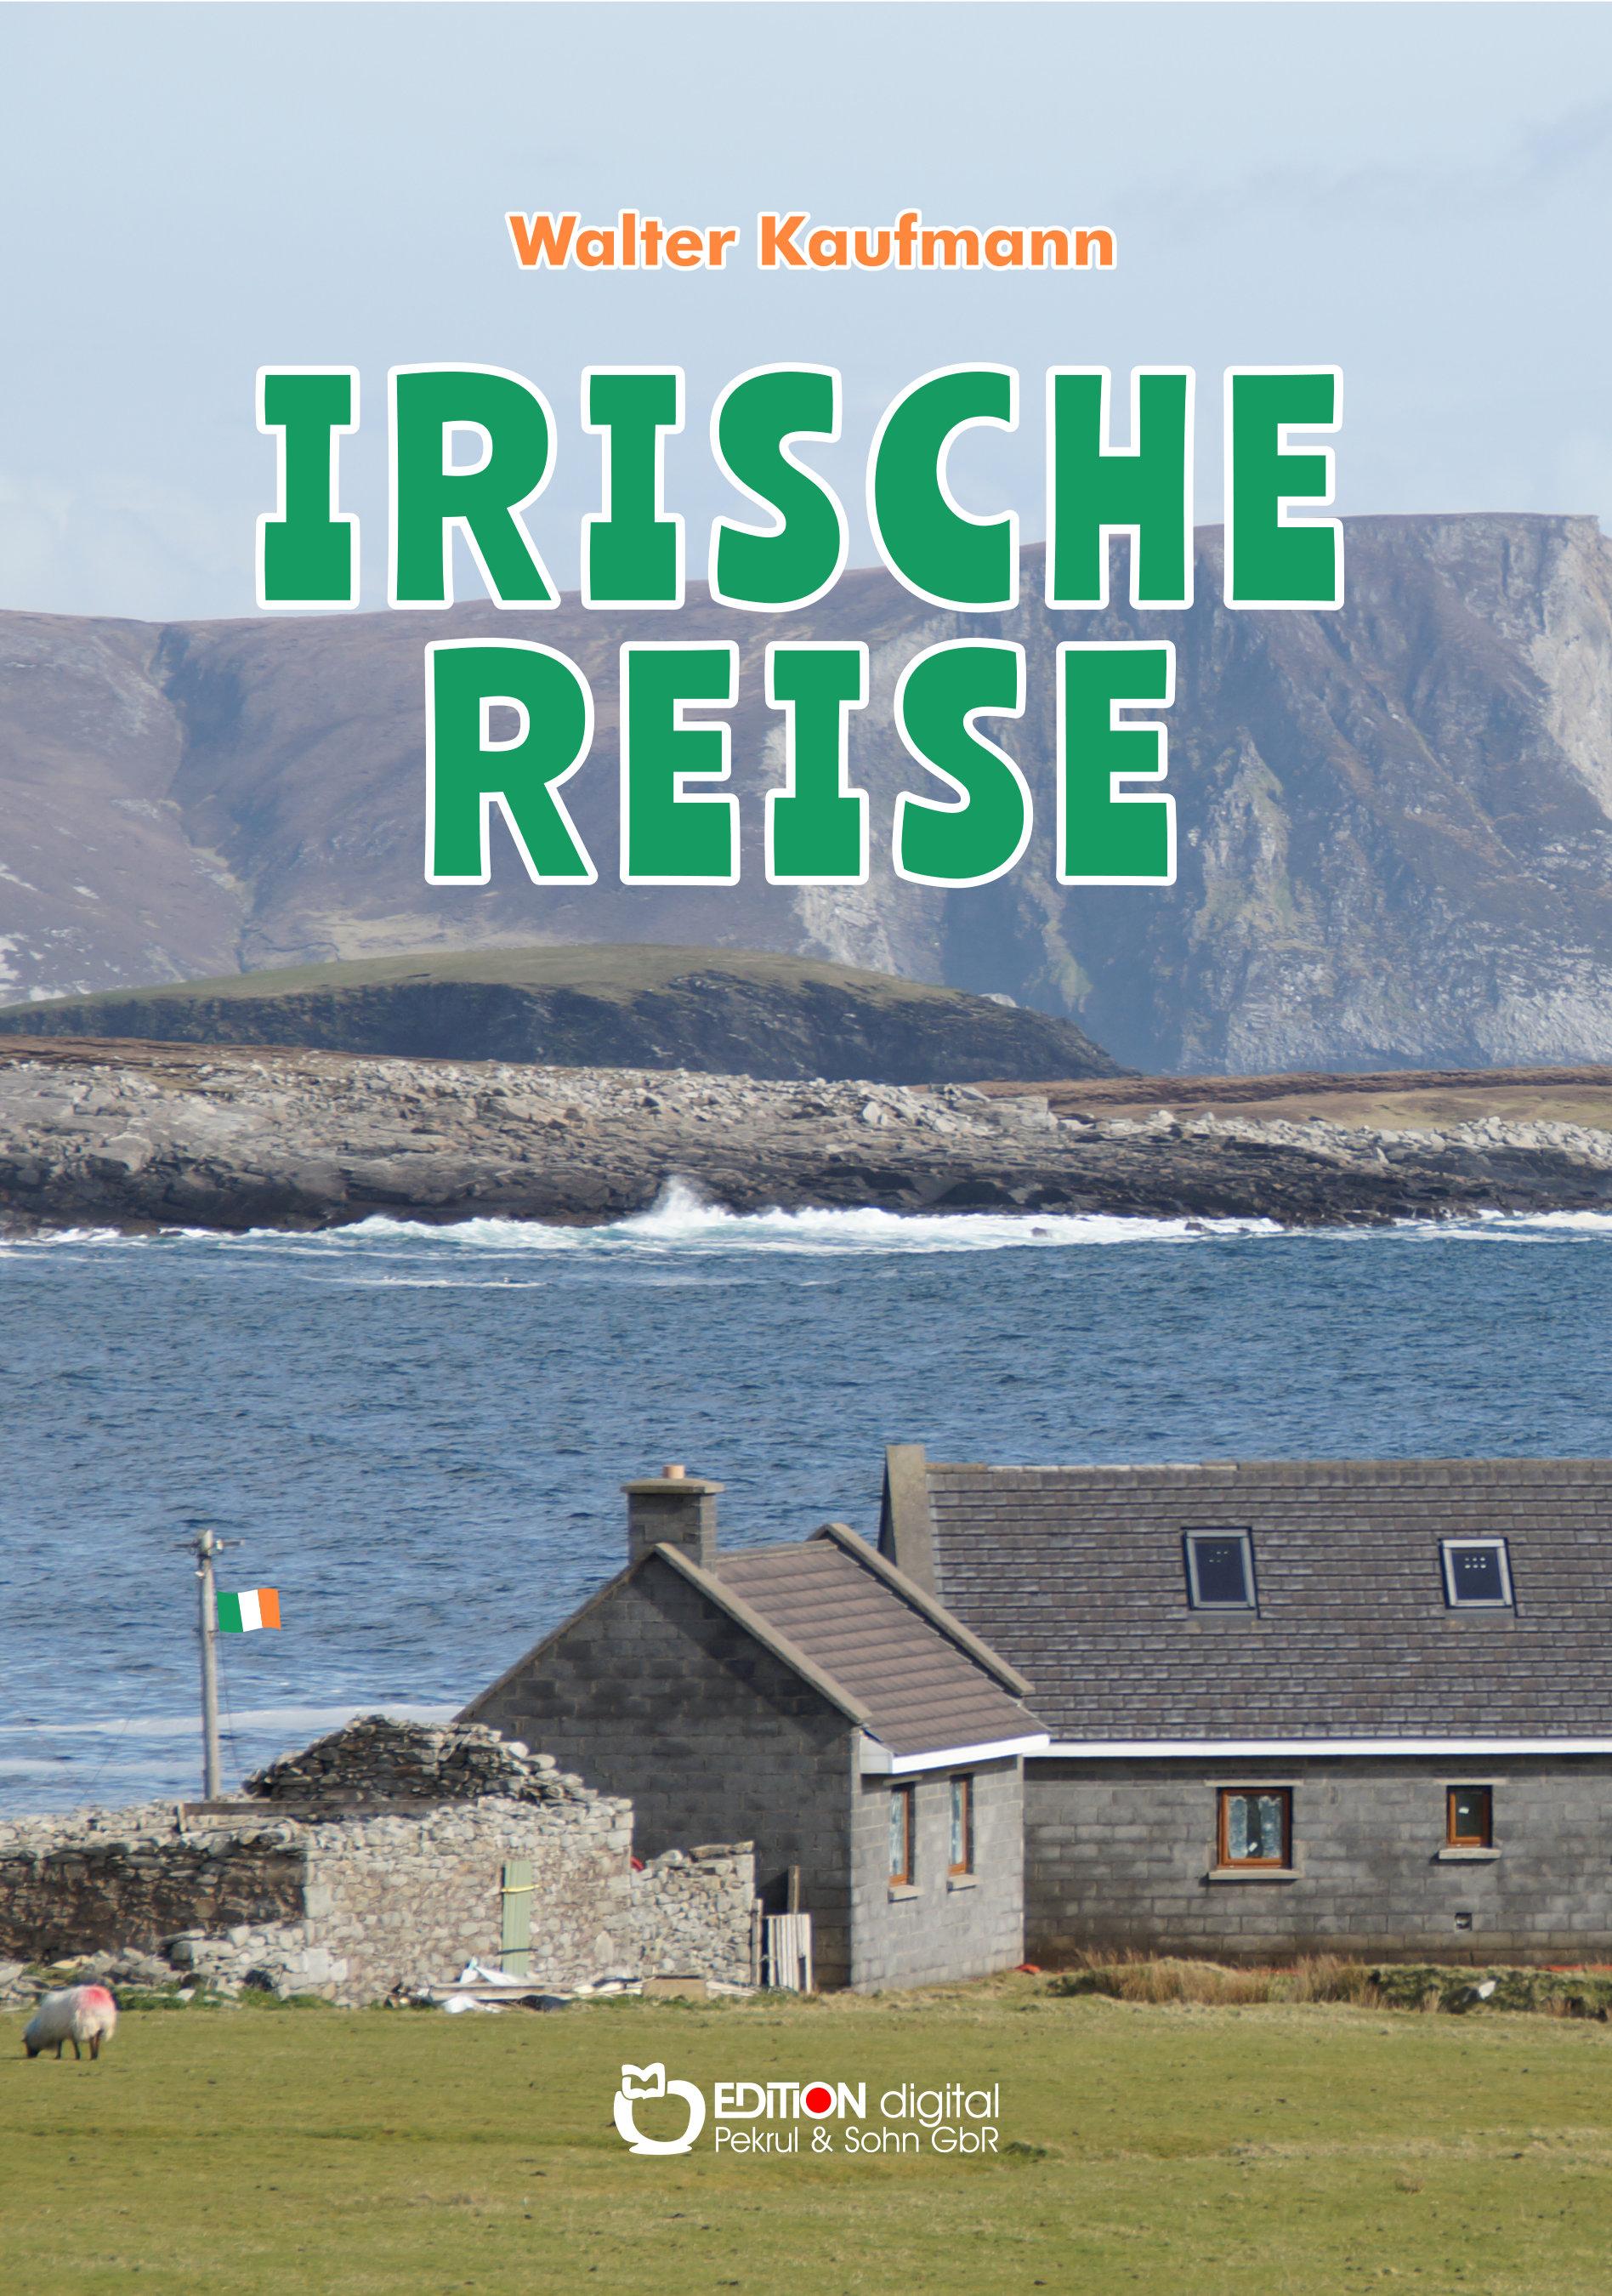 Irische Reise von Walter Kaufmann